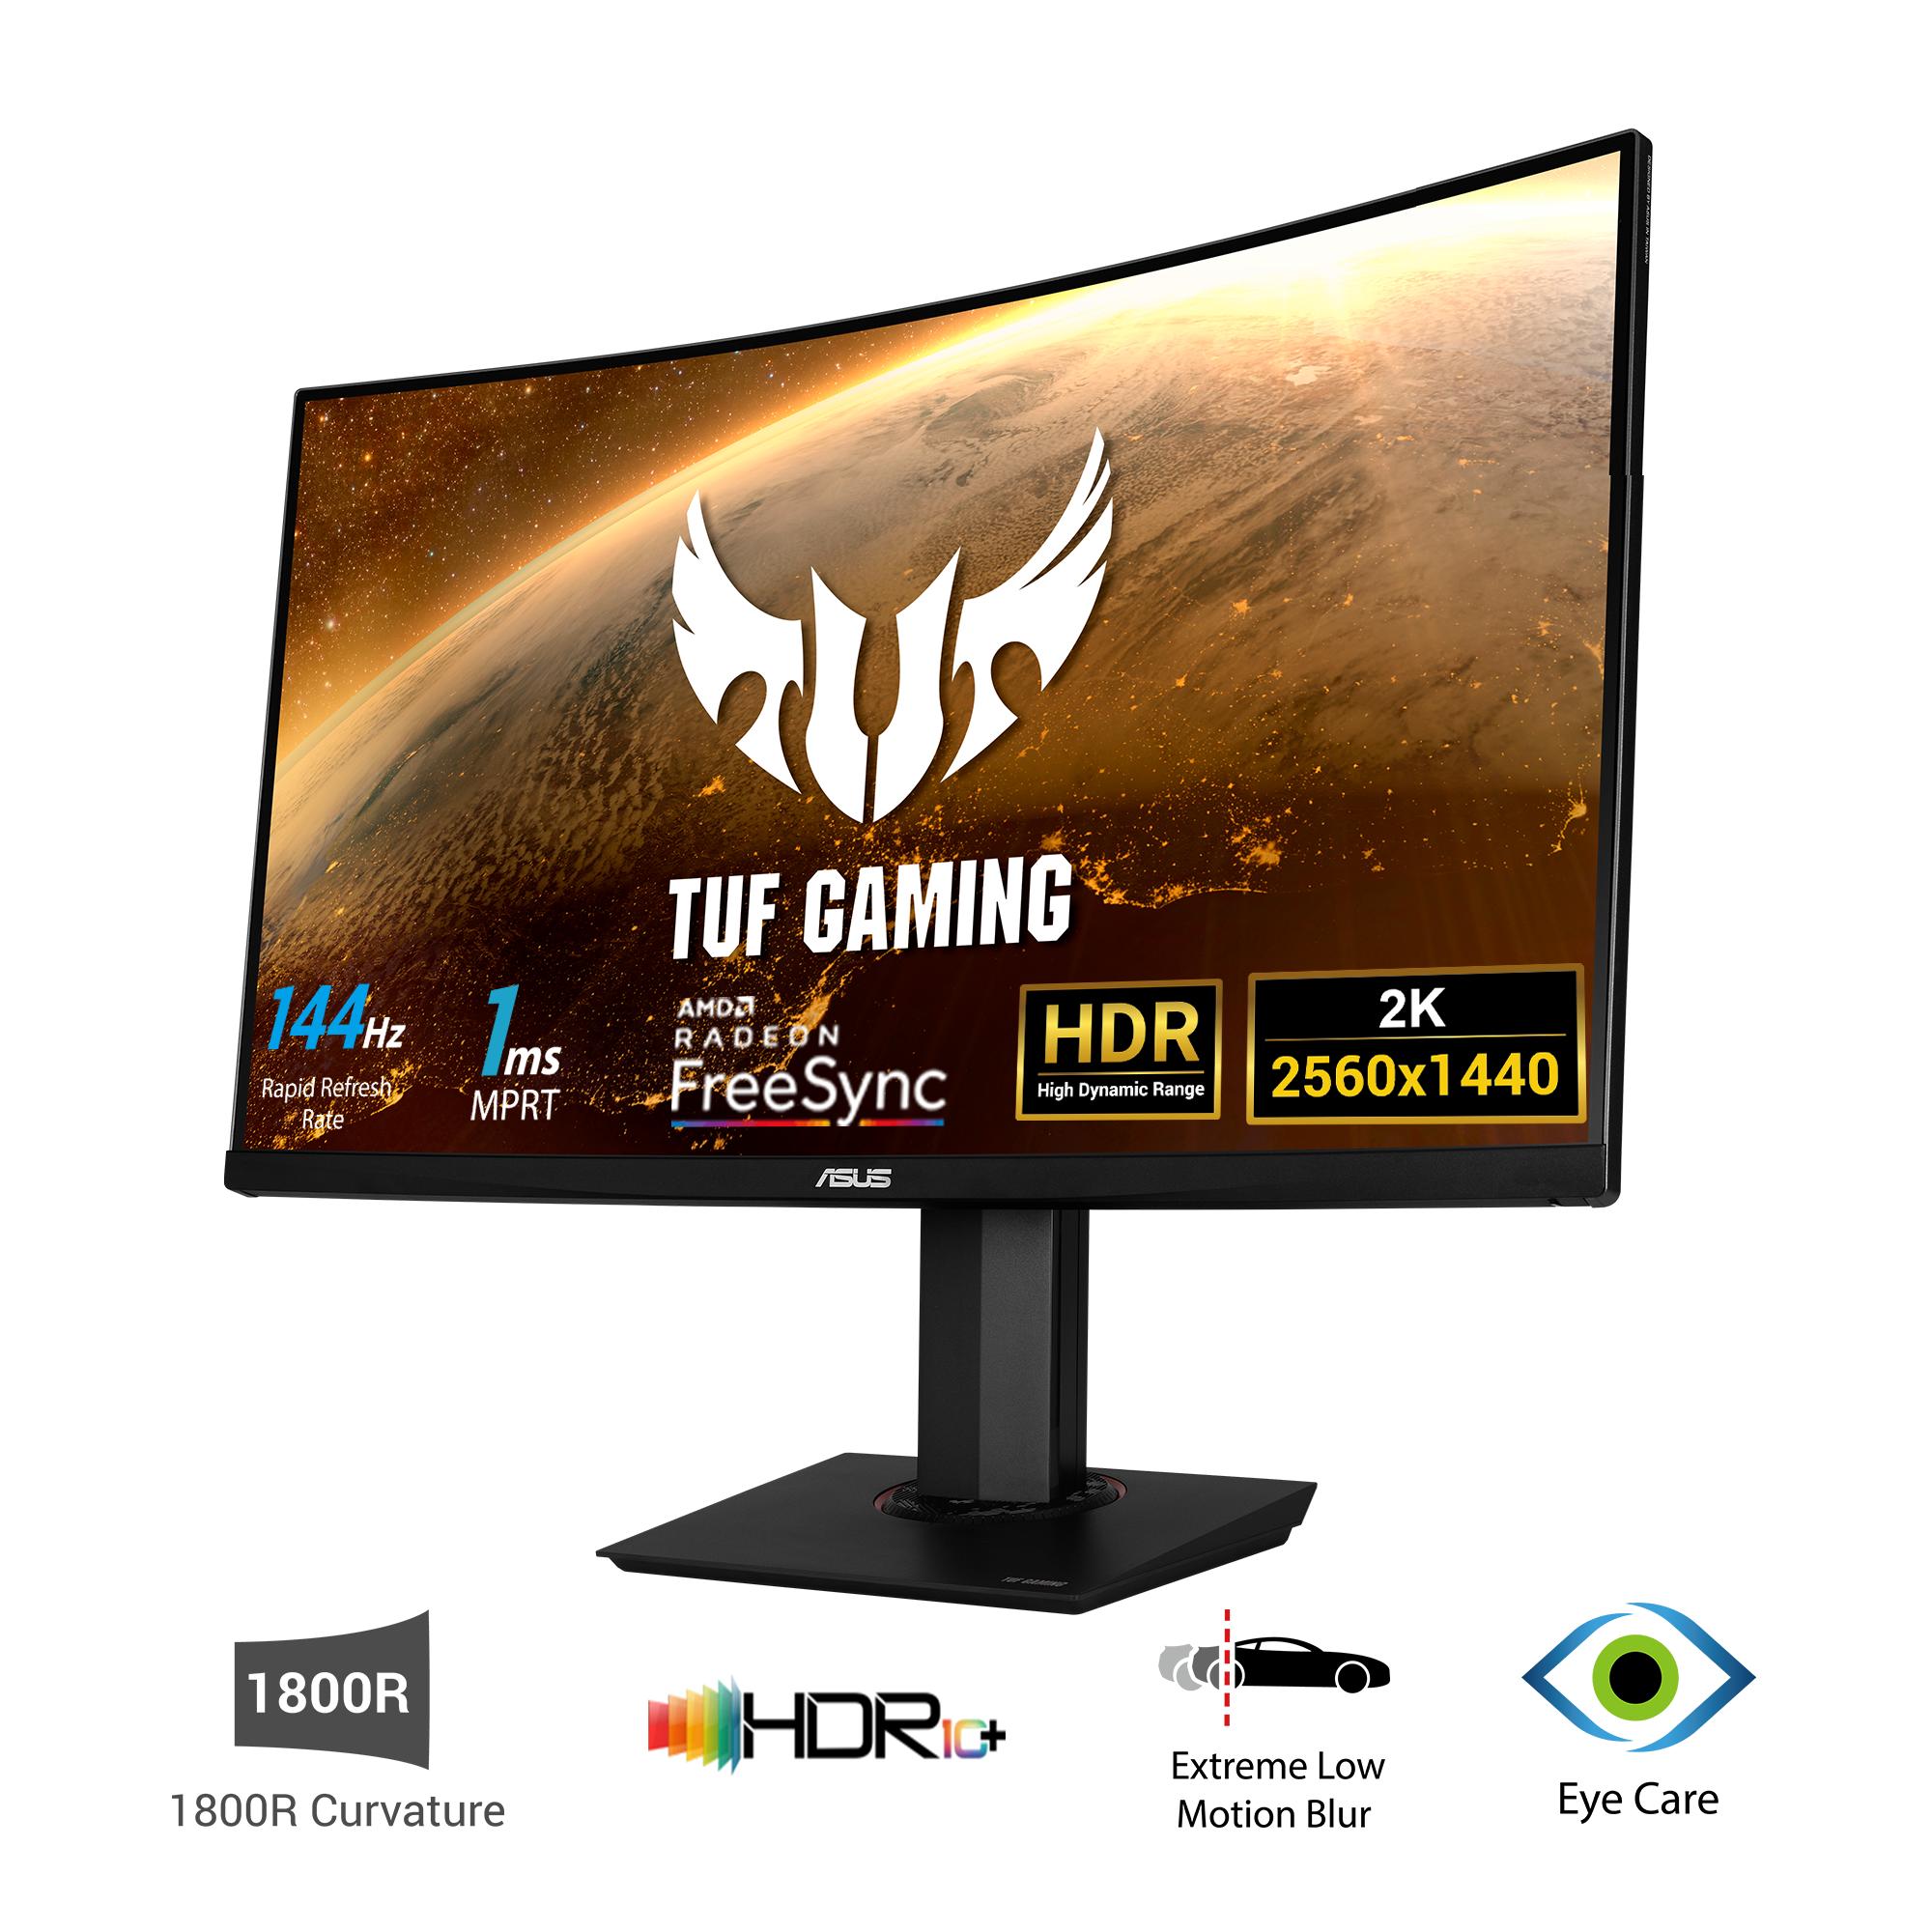 Asus TUF GAMING VG32VQ – 2K 144Hz - HDR 3